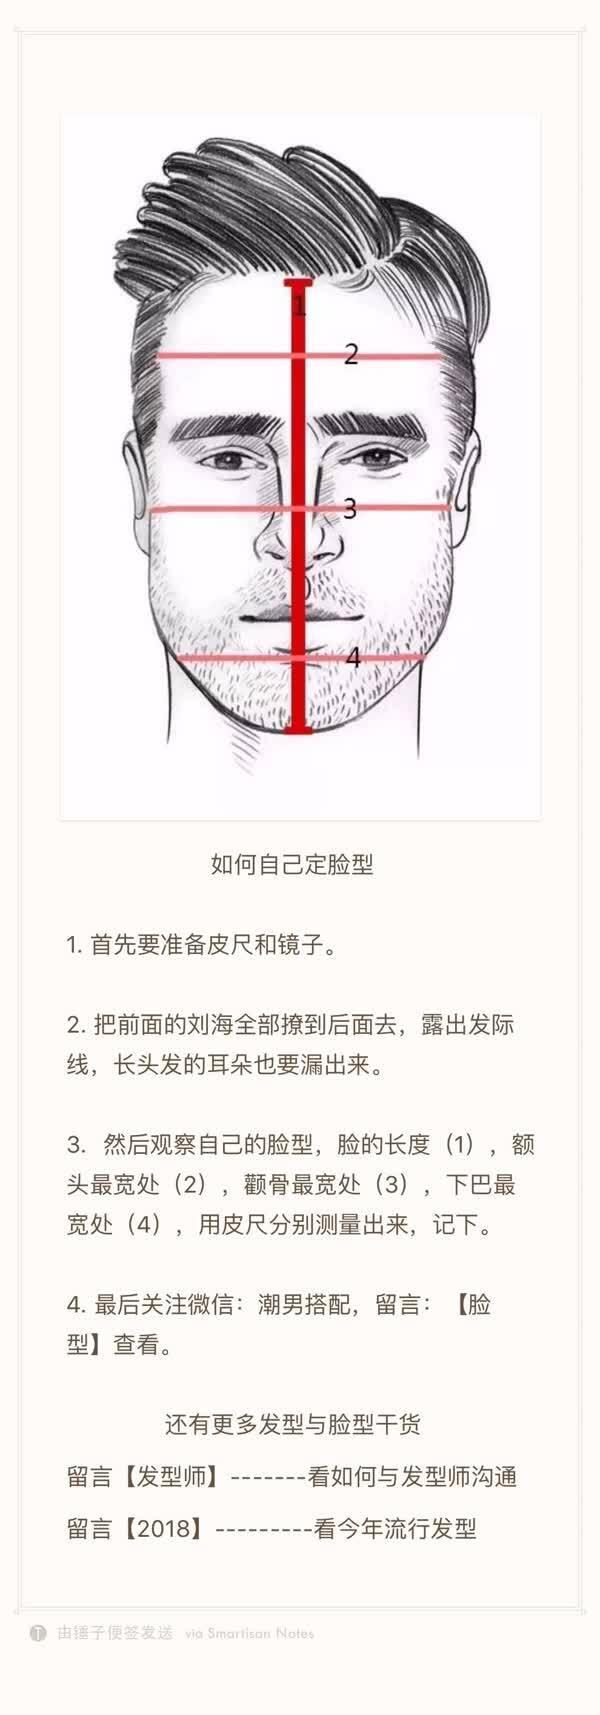 男士找到适合自己的发型其实很简单,看脸上这条线就行了!看看你的脸上第一条线就知道了~ 1就是我们的额头宽度,处在我们脸上的上庭部分。2是我们脸部两侧的折角部分的宽度,处于下庭。1线比2线短,说明我们是方形脸,~~